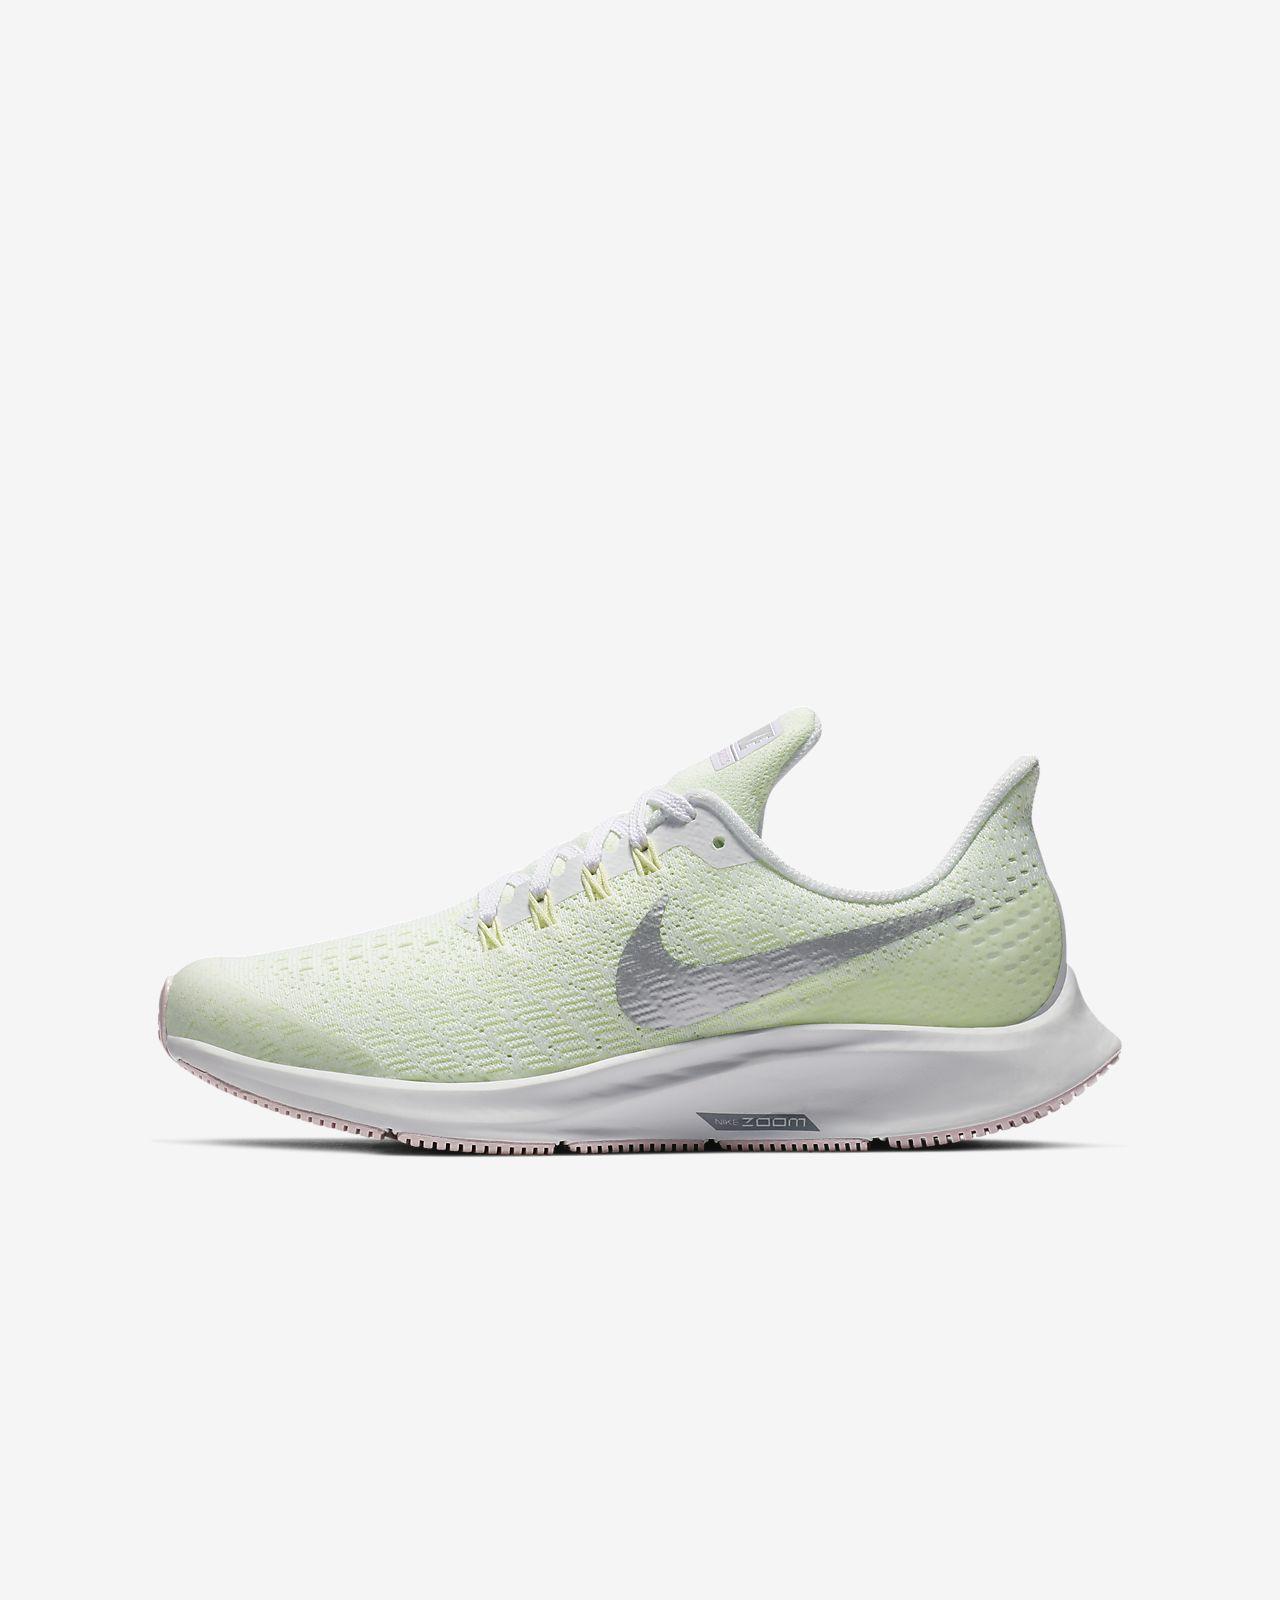 online store e7ca1 7abff ... Nike Air Zoom Pegasus 35 Laufschuh für jüngereältere Kinder